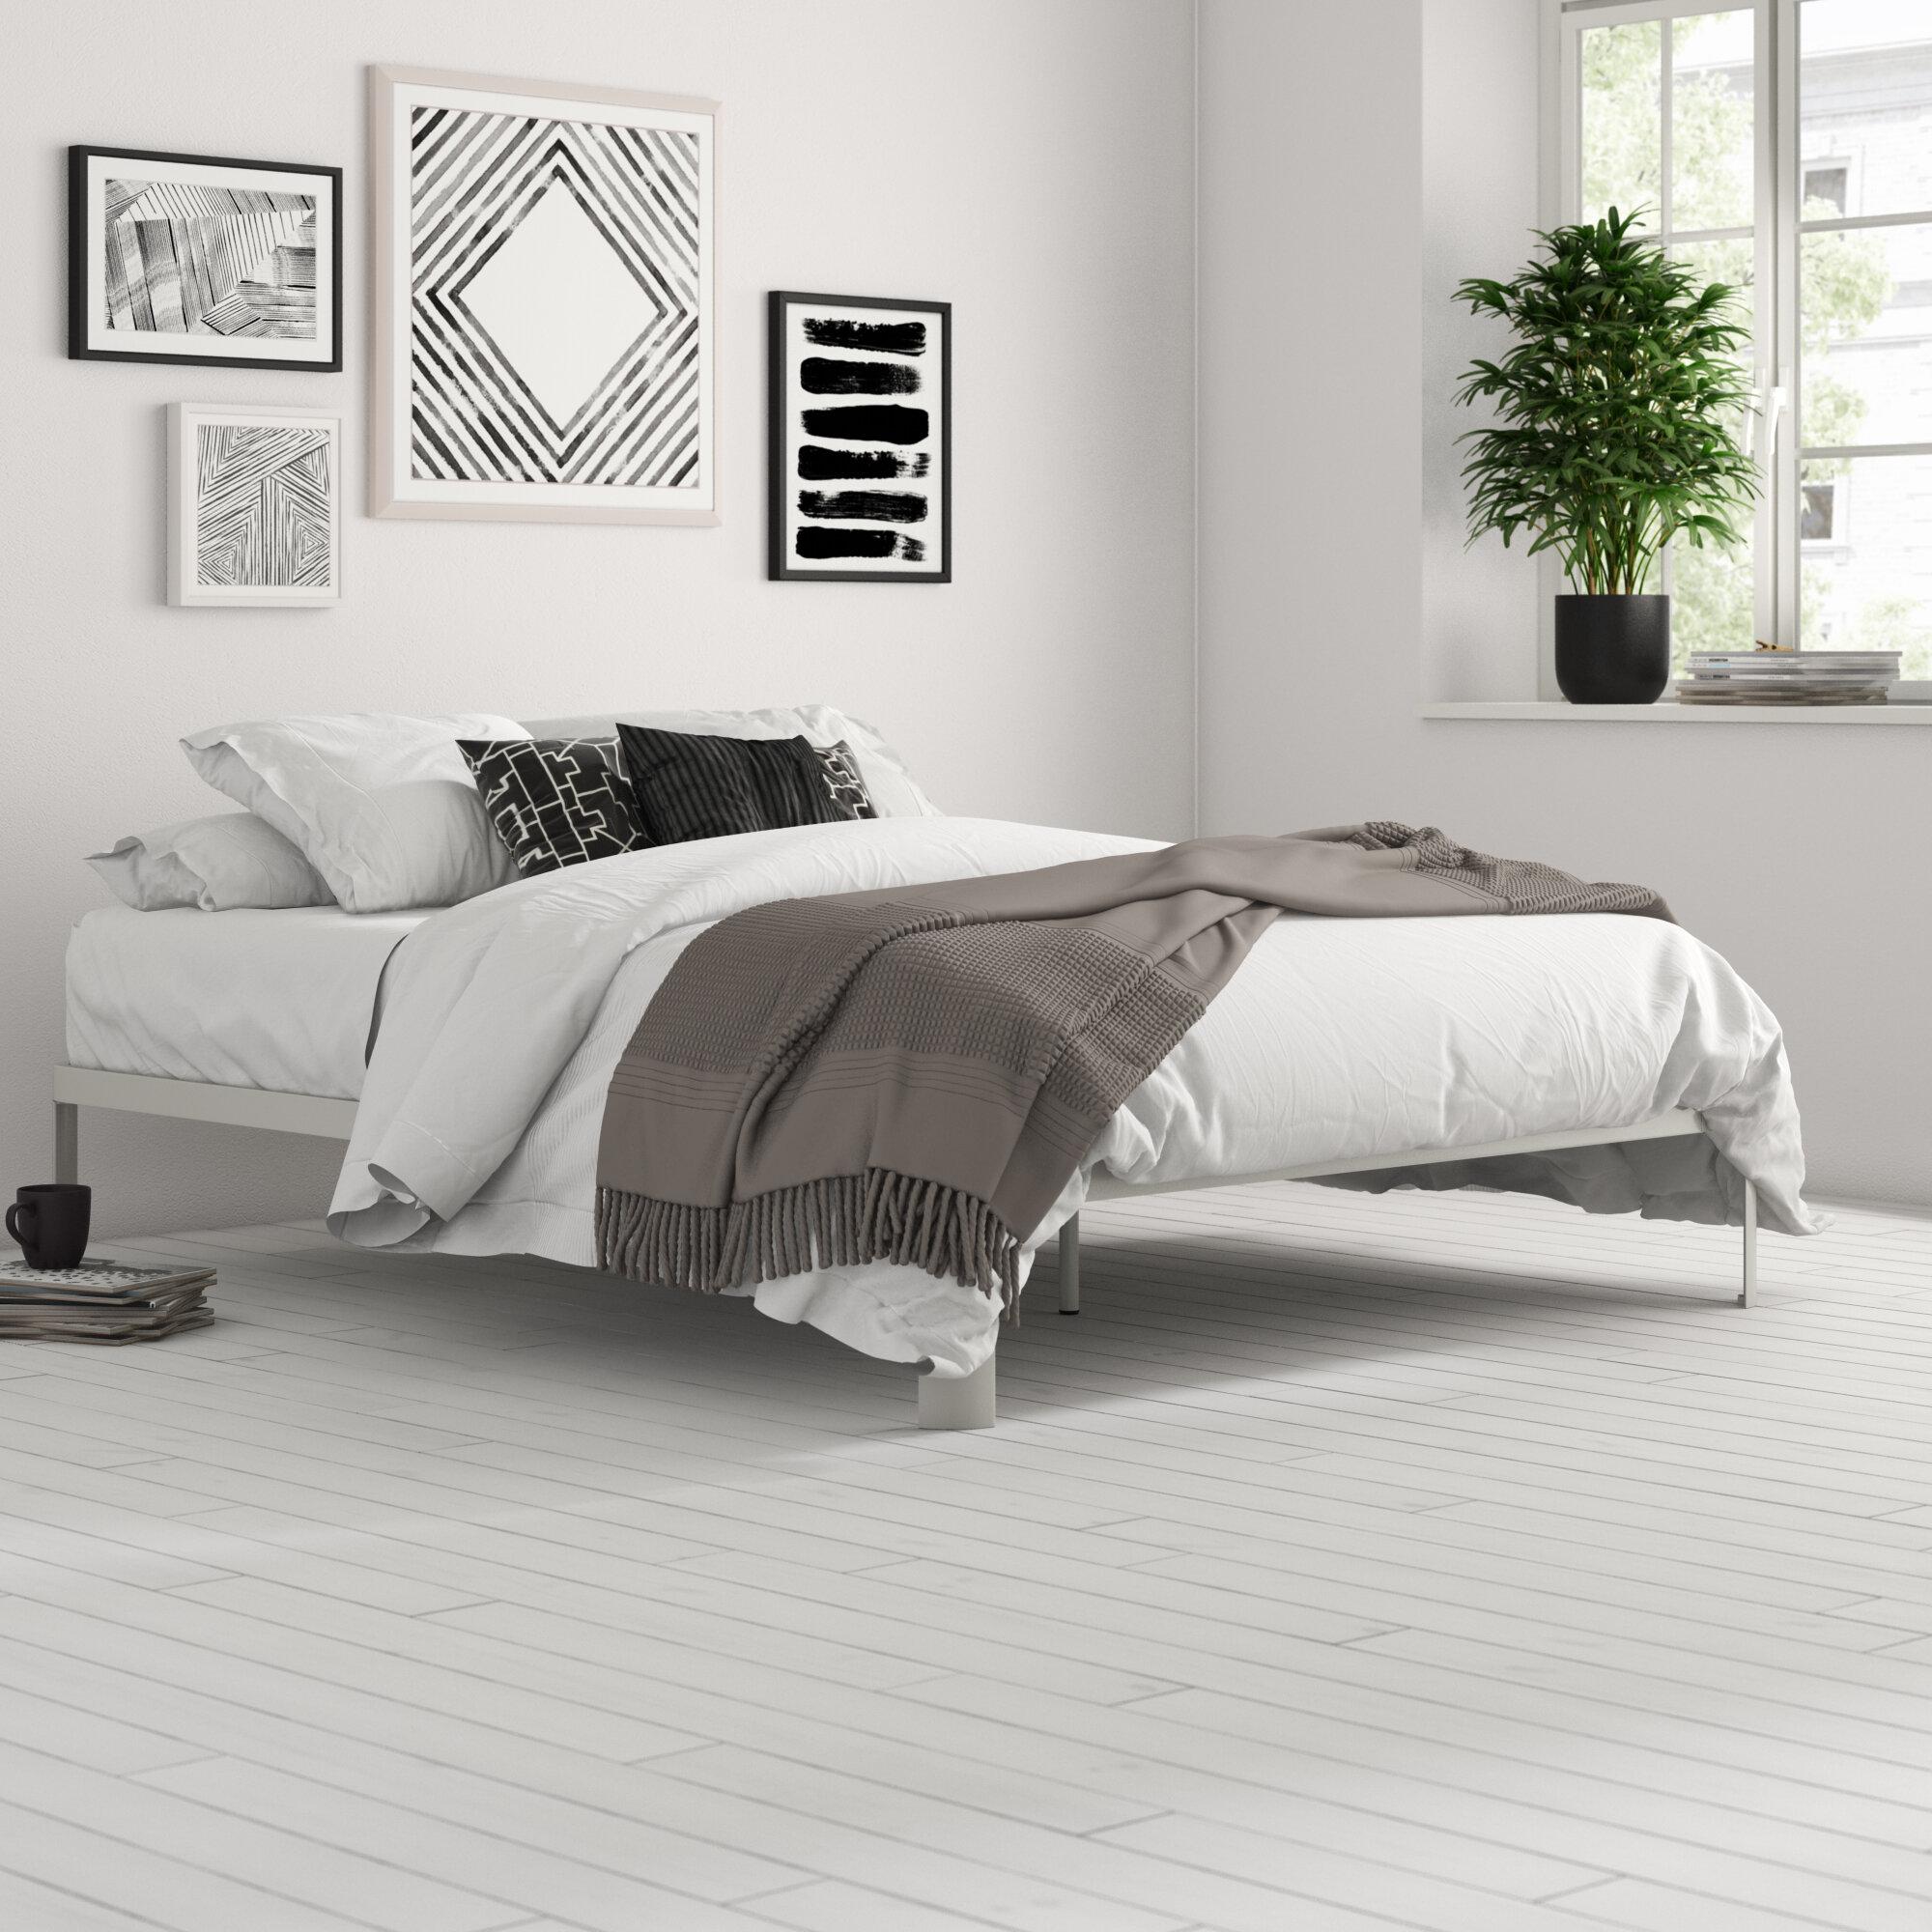 Zipcode Design Evangeline Bed Frame Reviews Wayfair